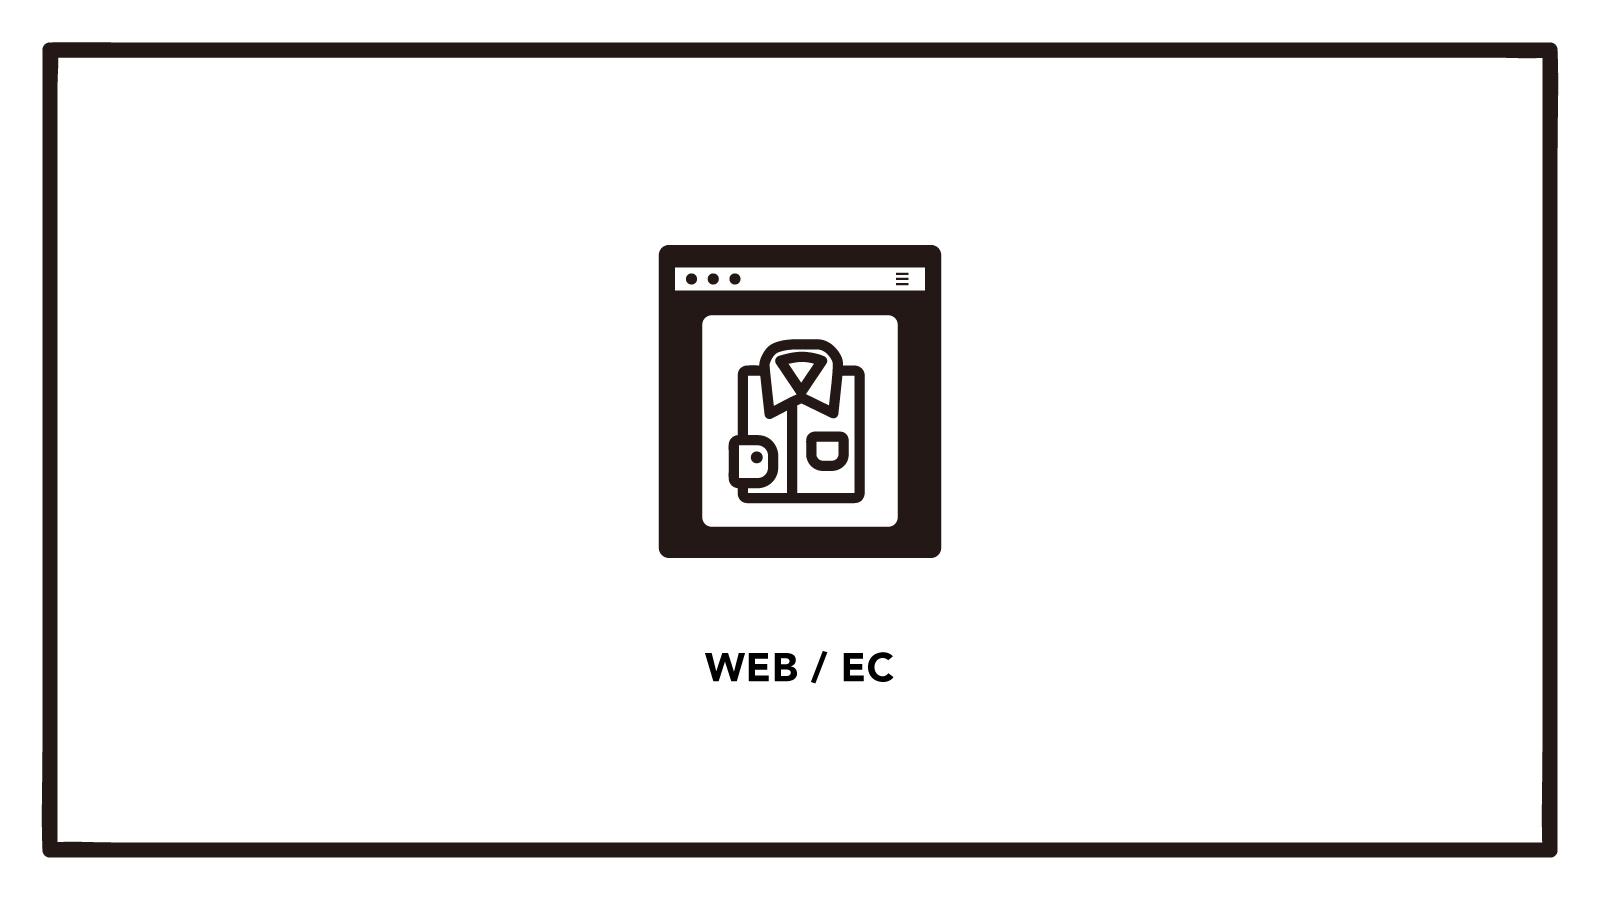 グラフィックデザイナー グループ内のブランドの印刷物全般のデザイン担当!のカバー写真